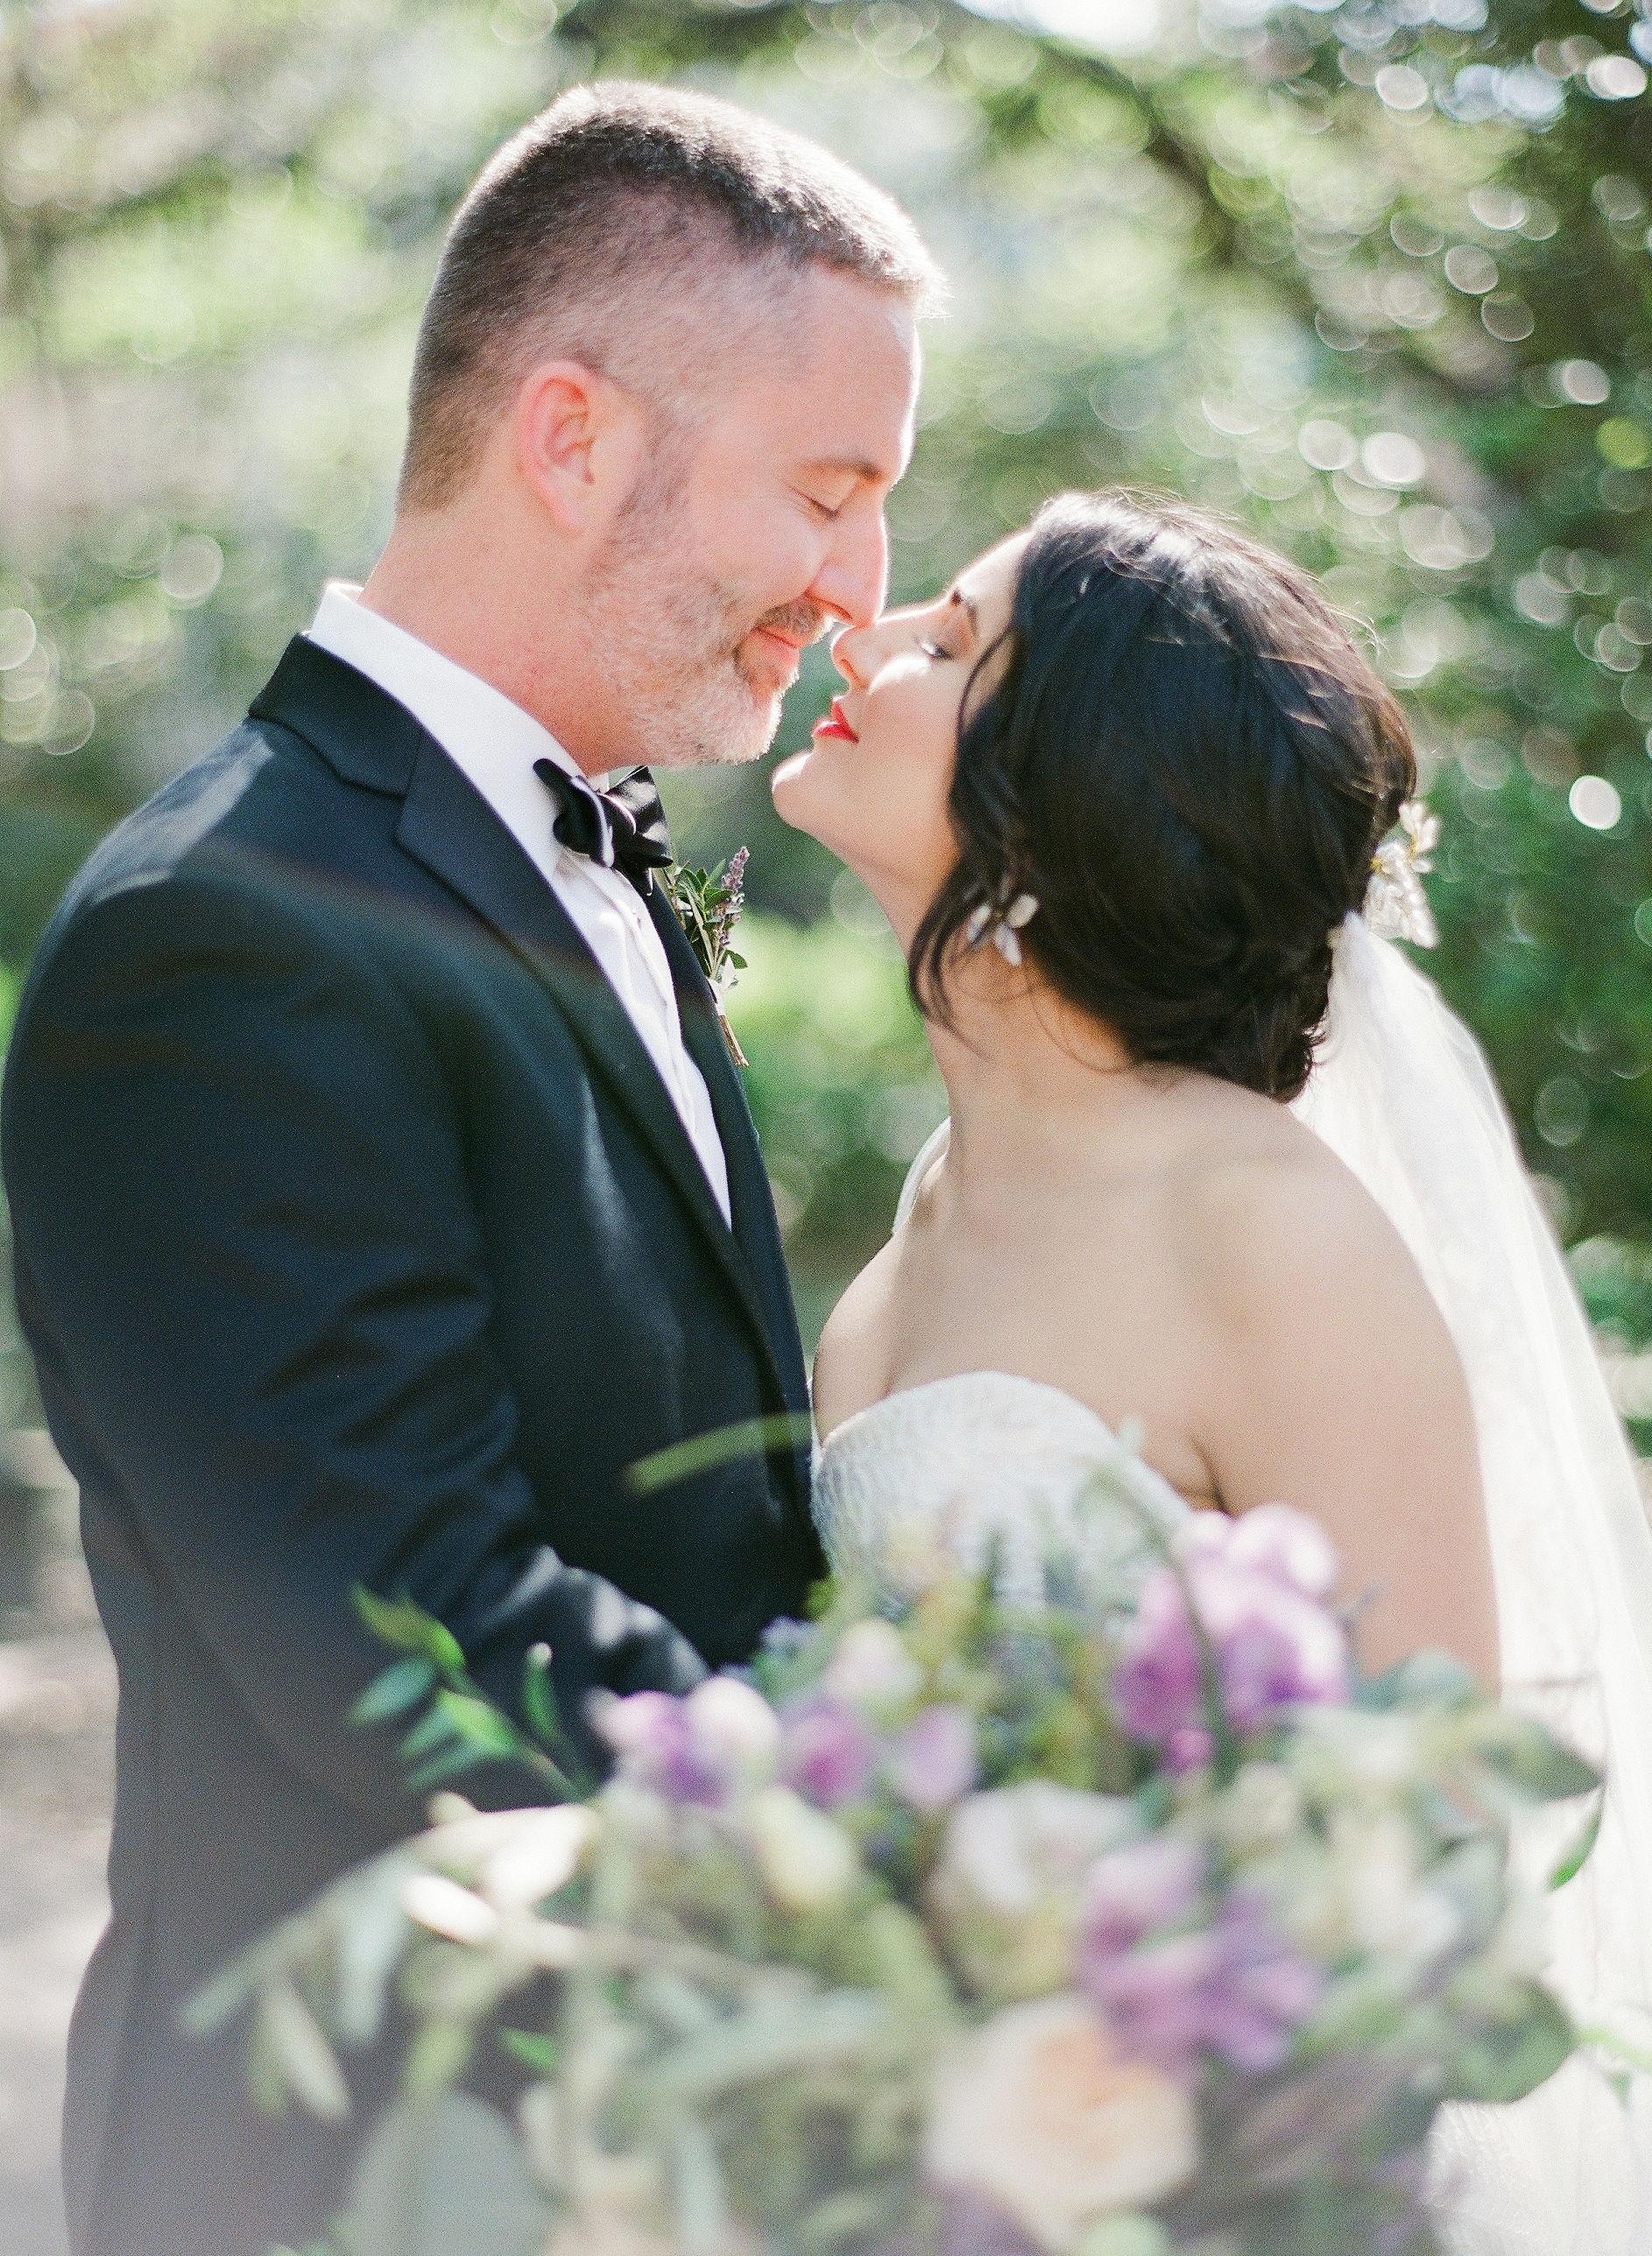 2-ivory-and-beau-bridal-boutique-wedding-dress-bridal-shop-alexjanelle_joshmorehousephotography-172.jpg